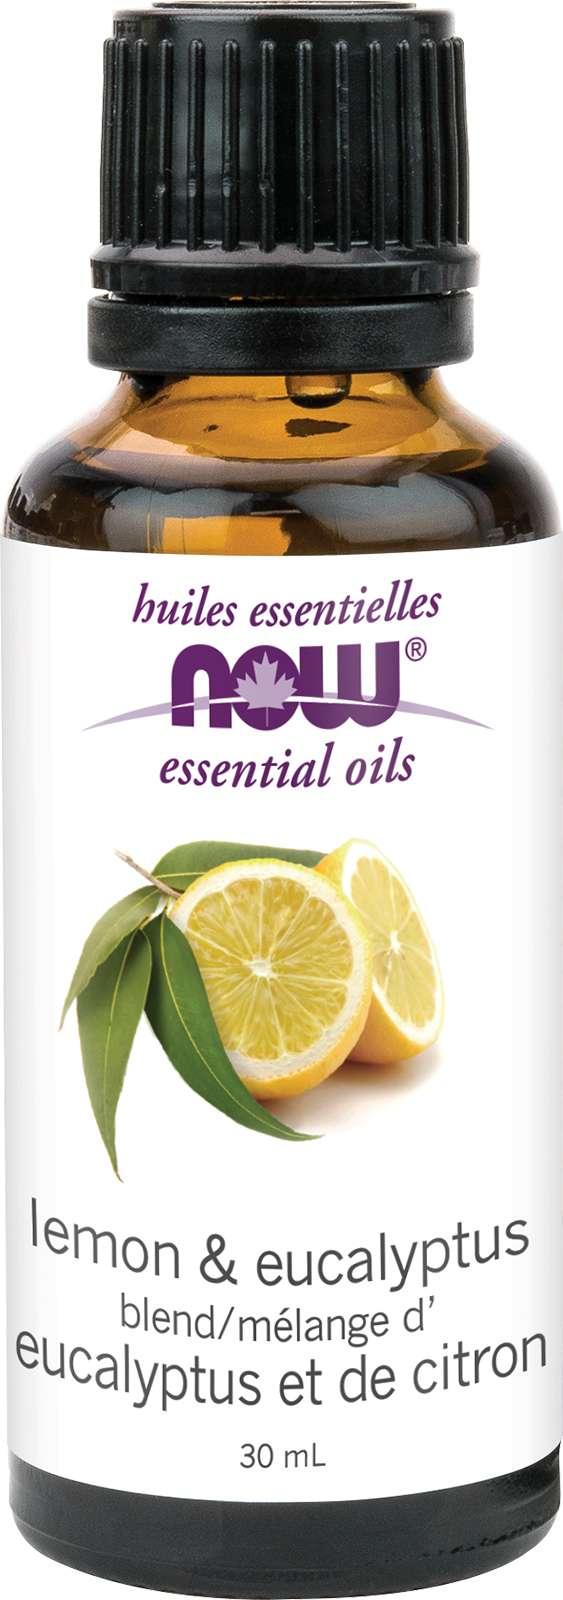 Lemon & Eucalyptus Oil Blend 30mL